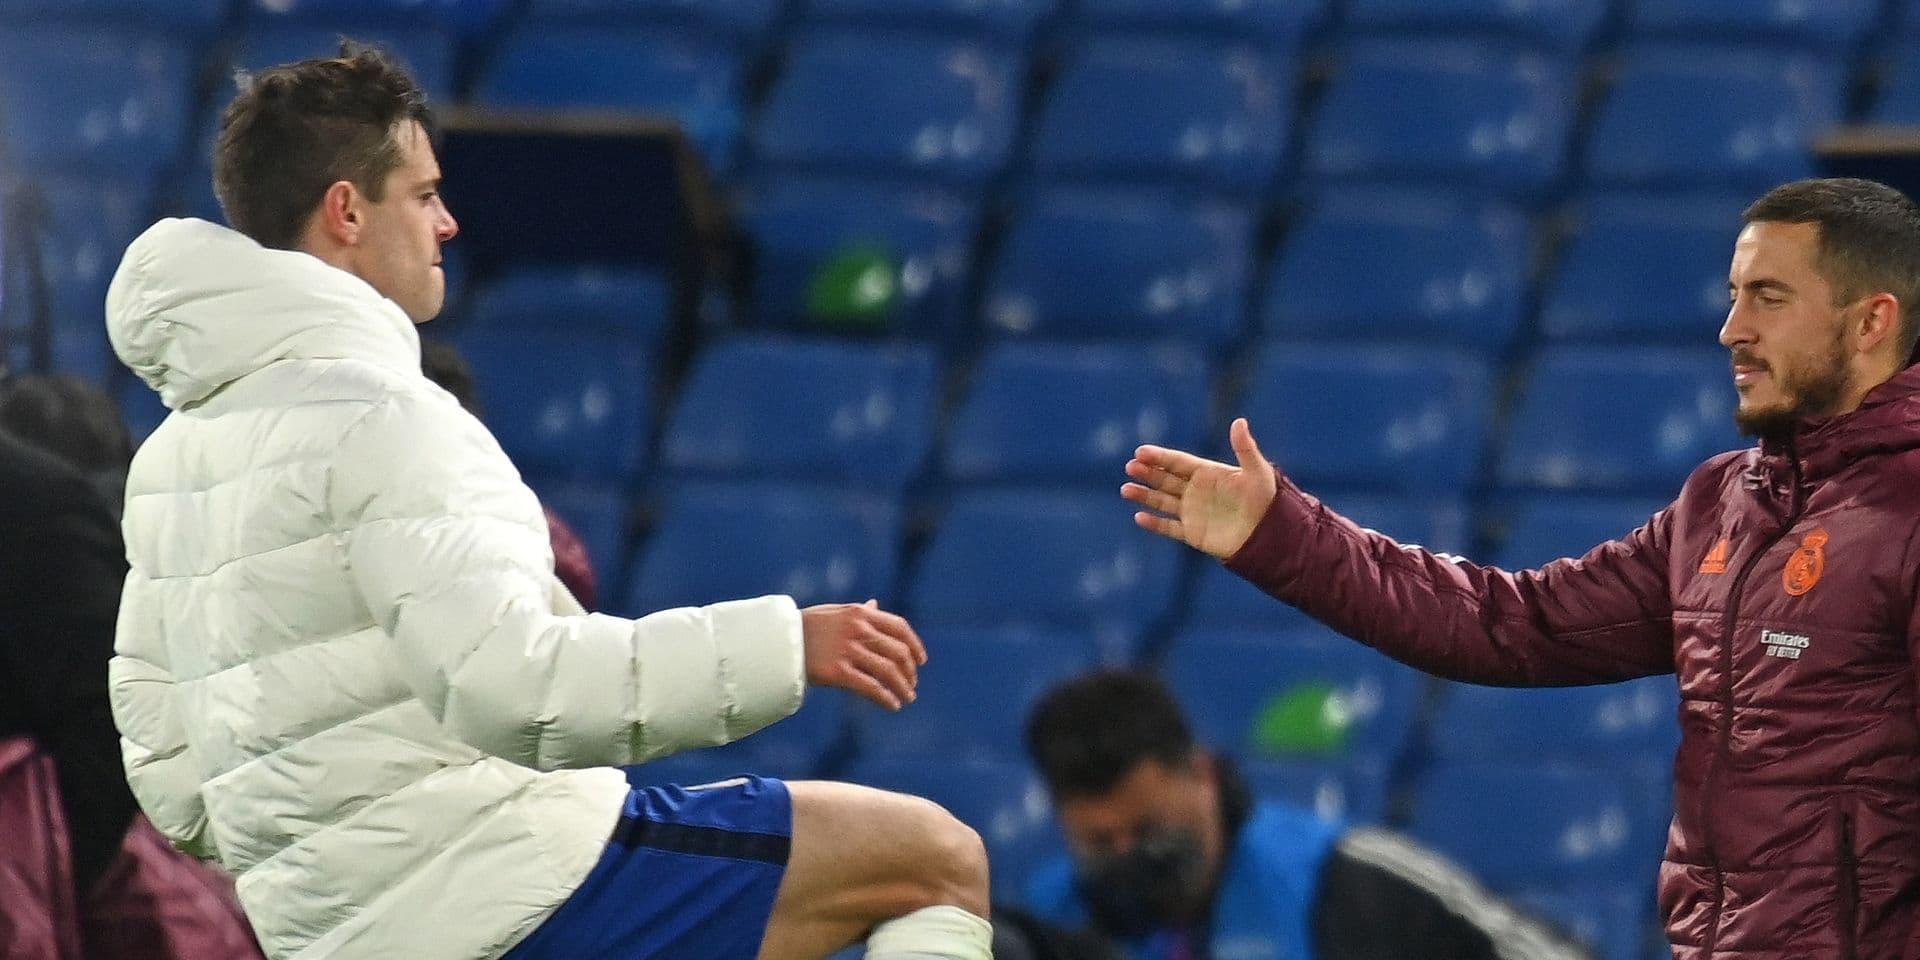 Quand Eden Hazard rigole avec ses anciens coéquipiers après la défaite du Real: l'image qui ne passe pas en Espagne !